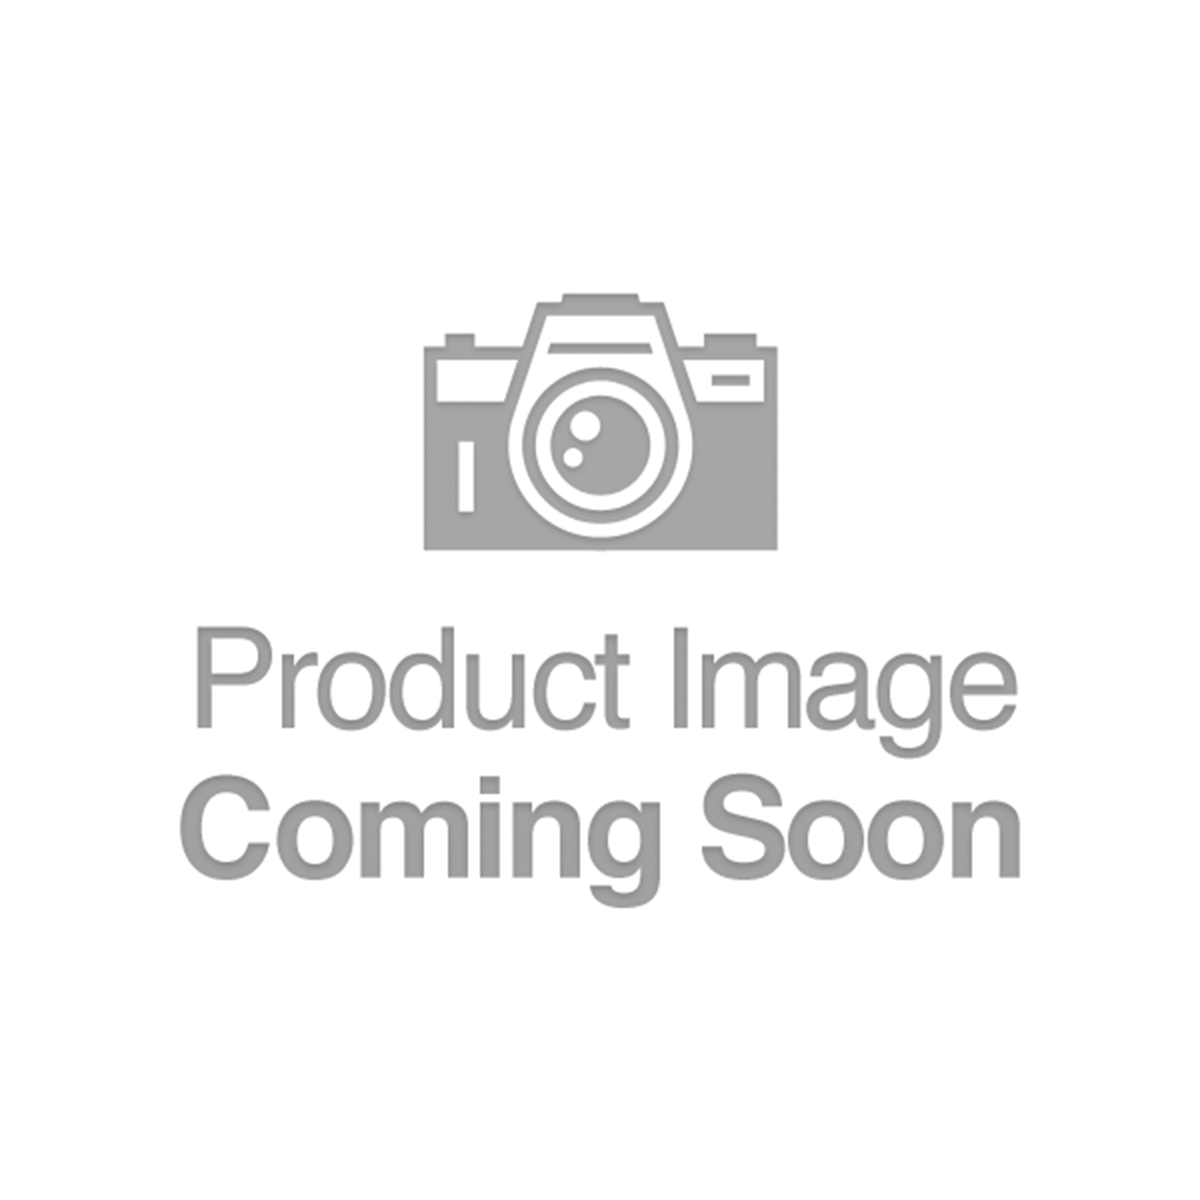 FR. 2175-A $100 1996 Error FRN PCGS 35